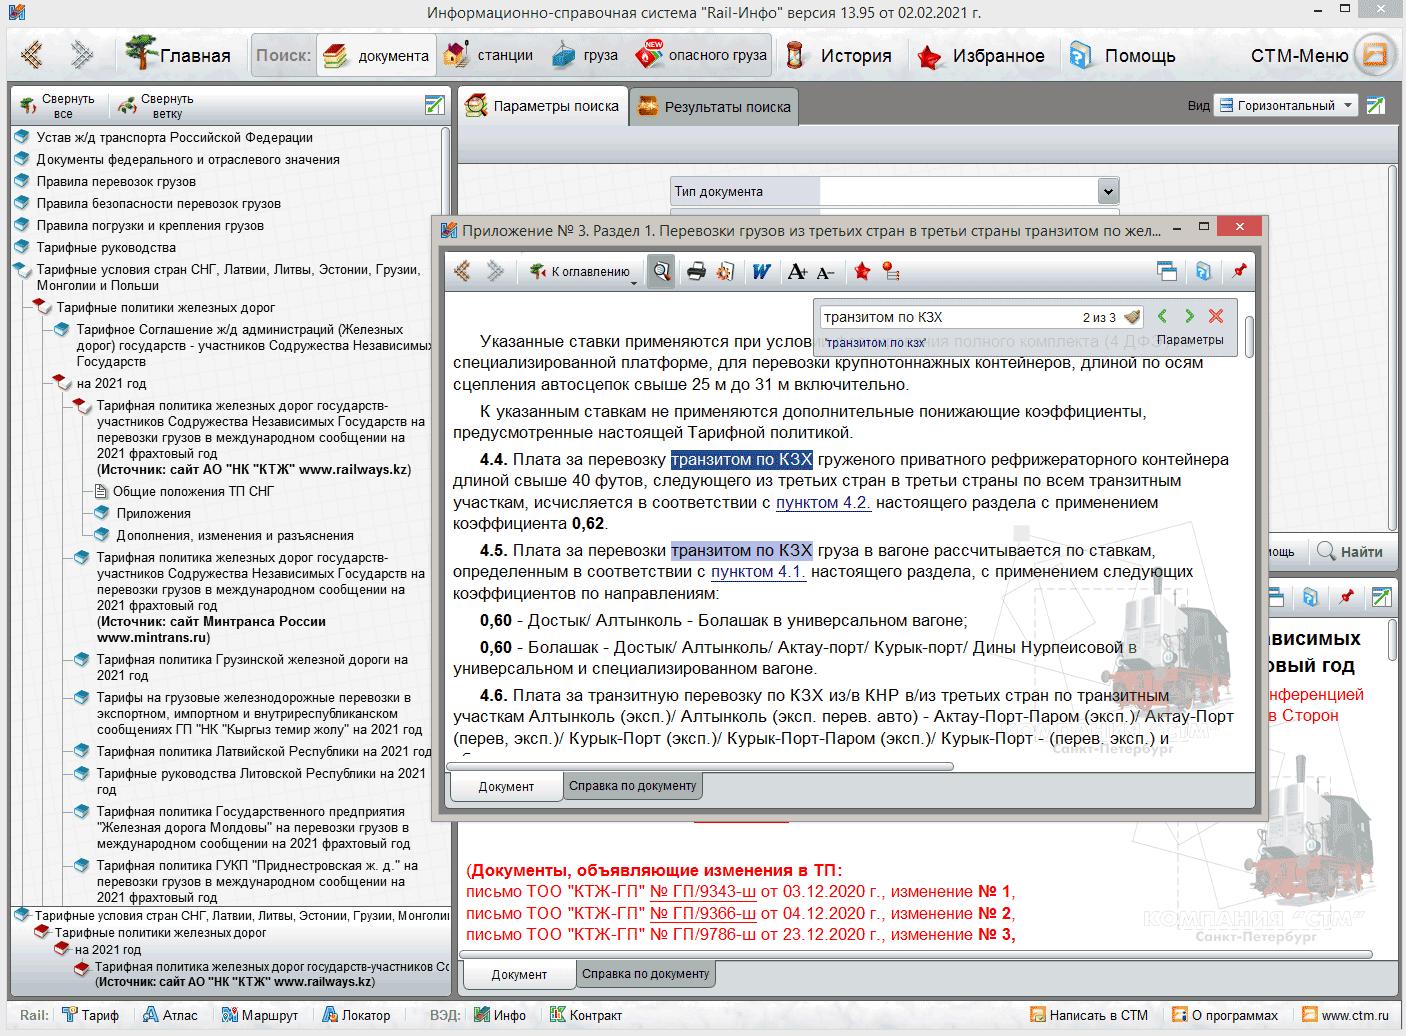 Поиск по документу